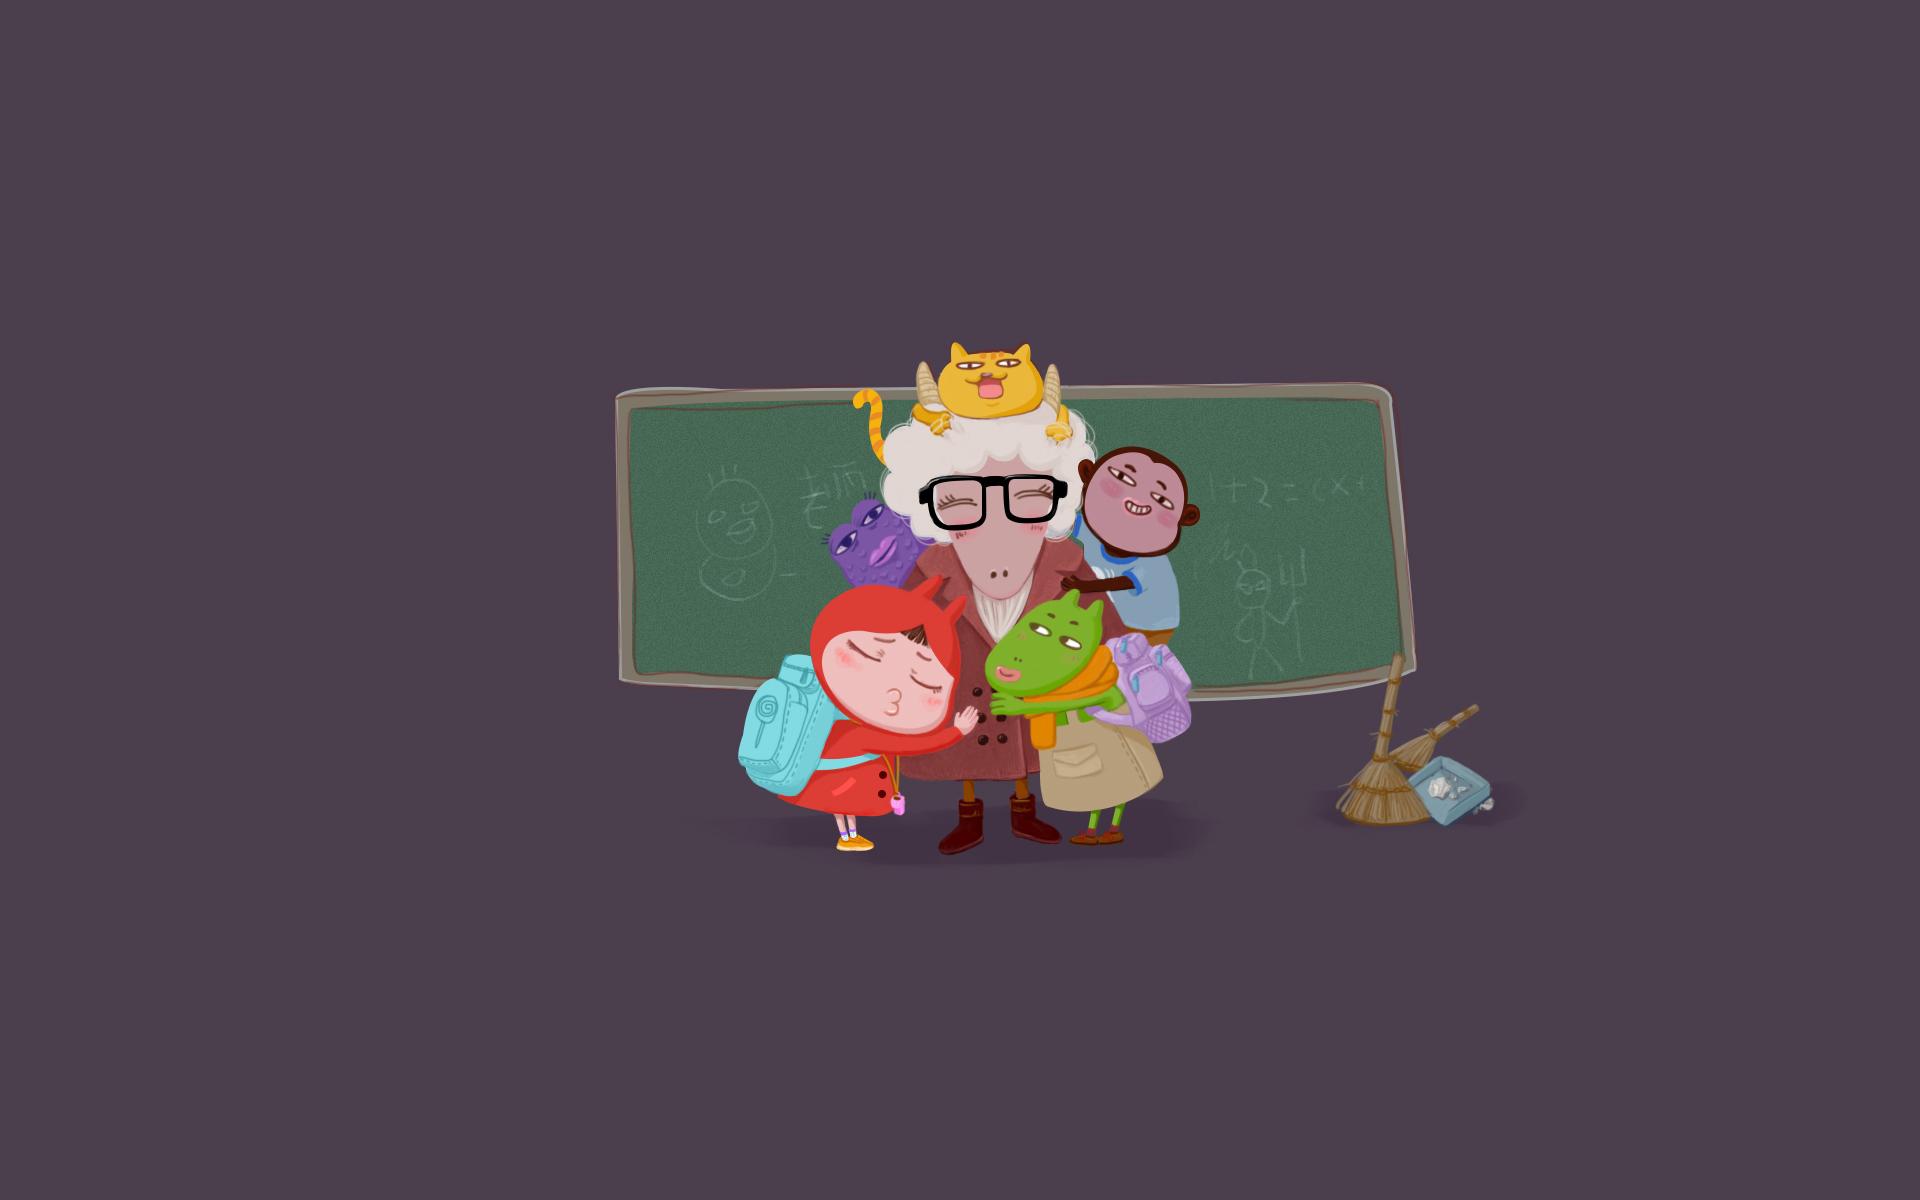 """卡通教师节PPT背景图片免费下载是由PPT宝藏(www.pptbz.com)会员zengmin上传推荐的节日PPT背景图片, 更新时间为2016-10-16,素材编号106230。 教师节,旨在肯定教师为教育事业所做的贡献。1985年,第六届全国人大常委会第九次会议通过了国务院关于建立教师节的议案,会议决定将每年的9月10日定为教师节。1985年9月10日,是中国第一个教师节。 尊师重教是中国的优良传统,早在公元前11世纪的西周时期就提出""""弟子事师,敬同于父""""。古代大教育家孔子更是"""